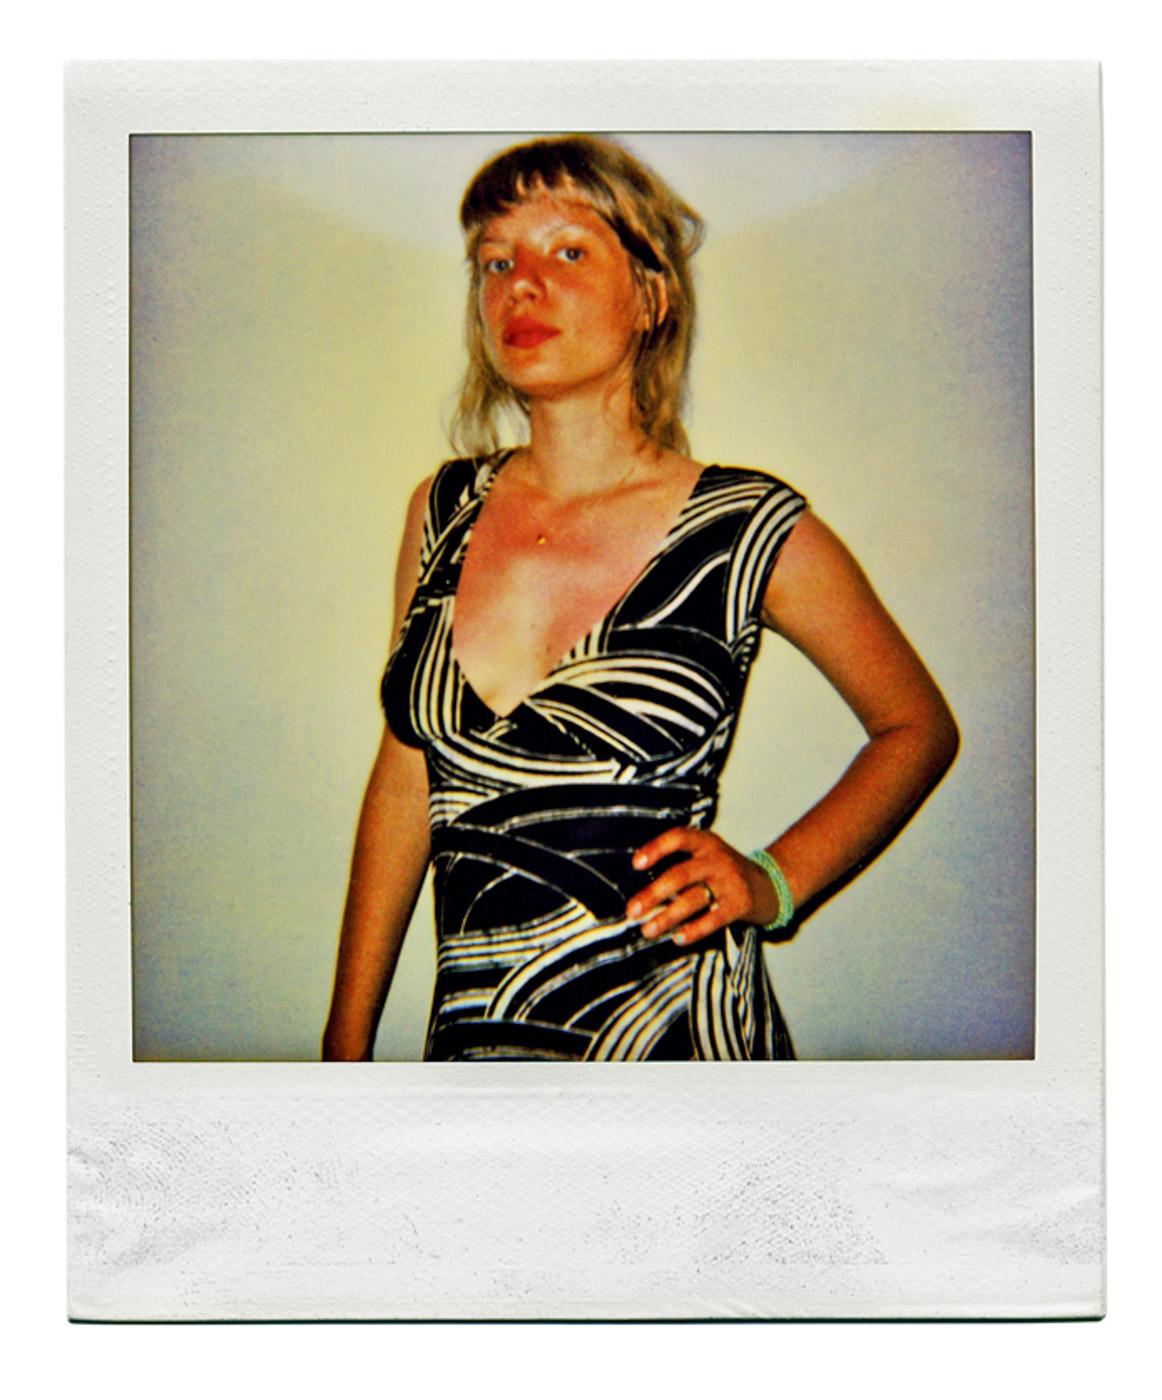 Madeline (12:38 AM) June 27, 2001